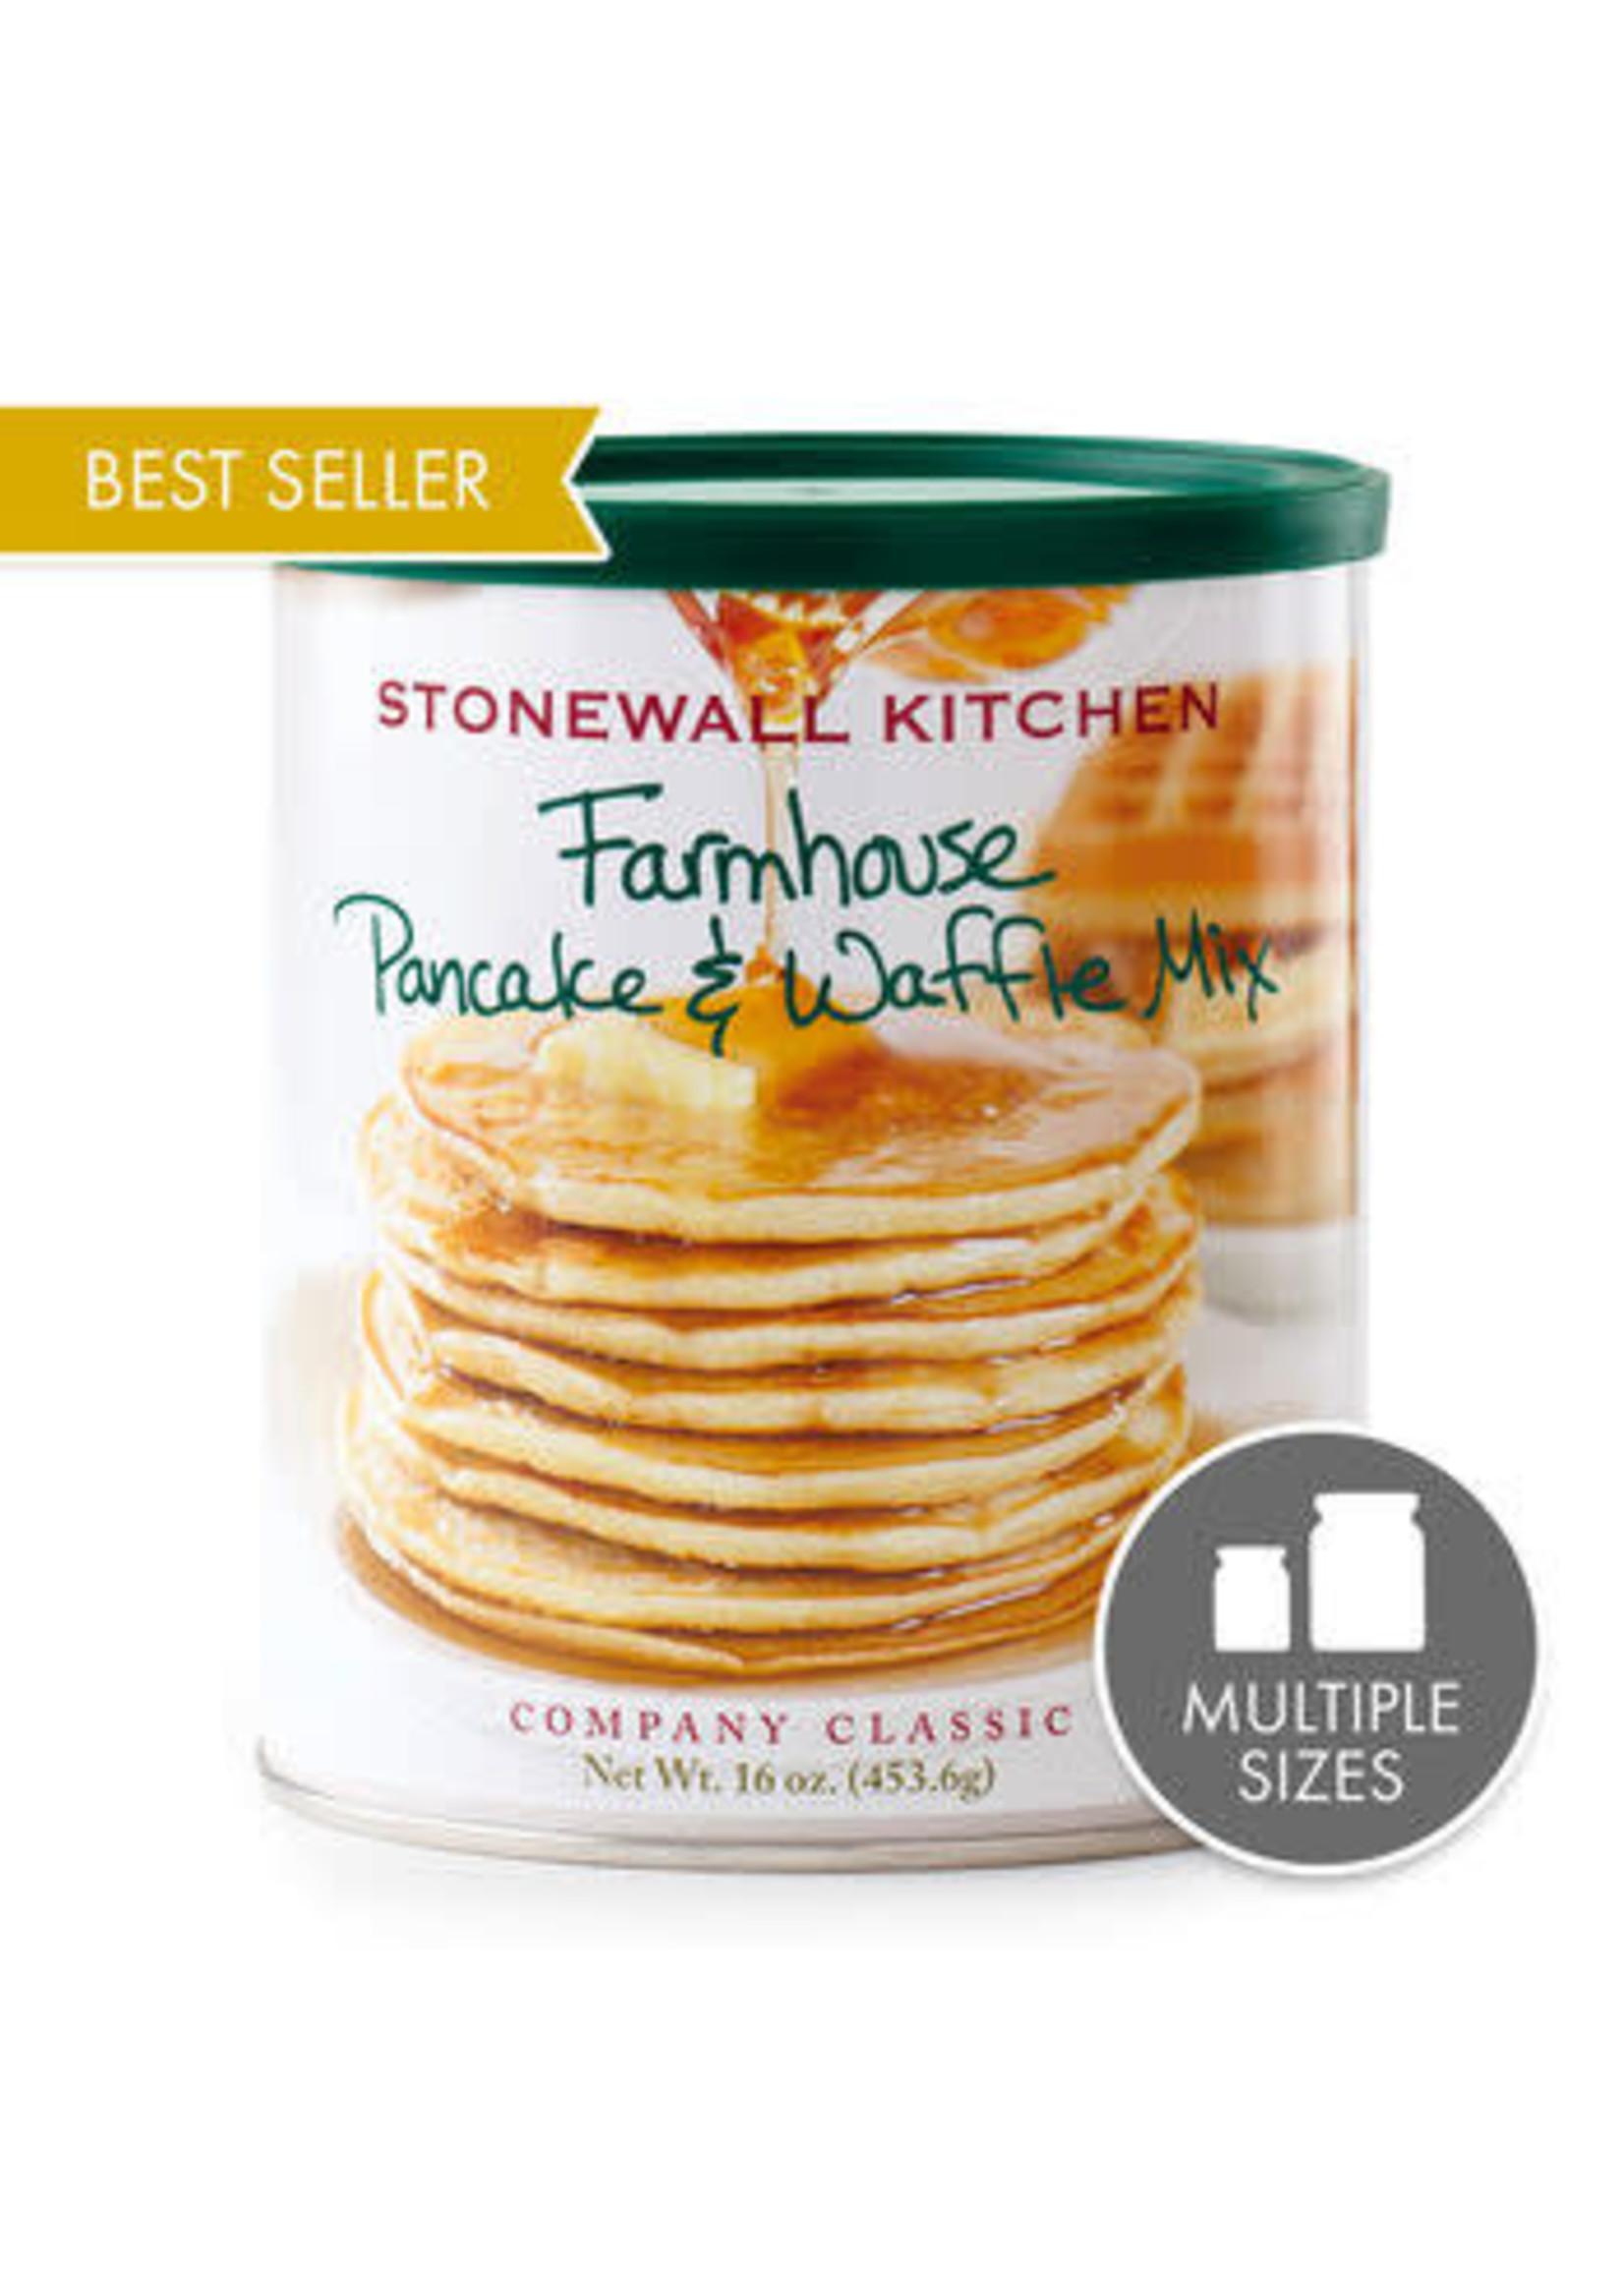 Stonewall Kitchen Farmhouse Pancake & Waffle Mix, Small